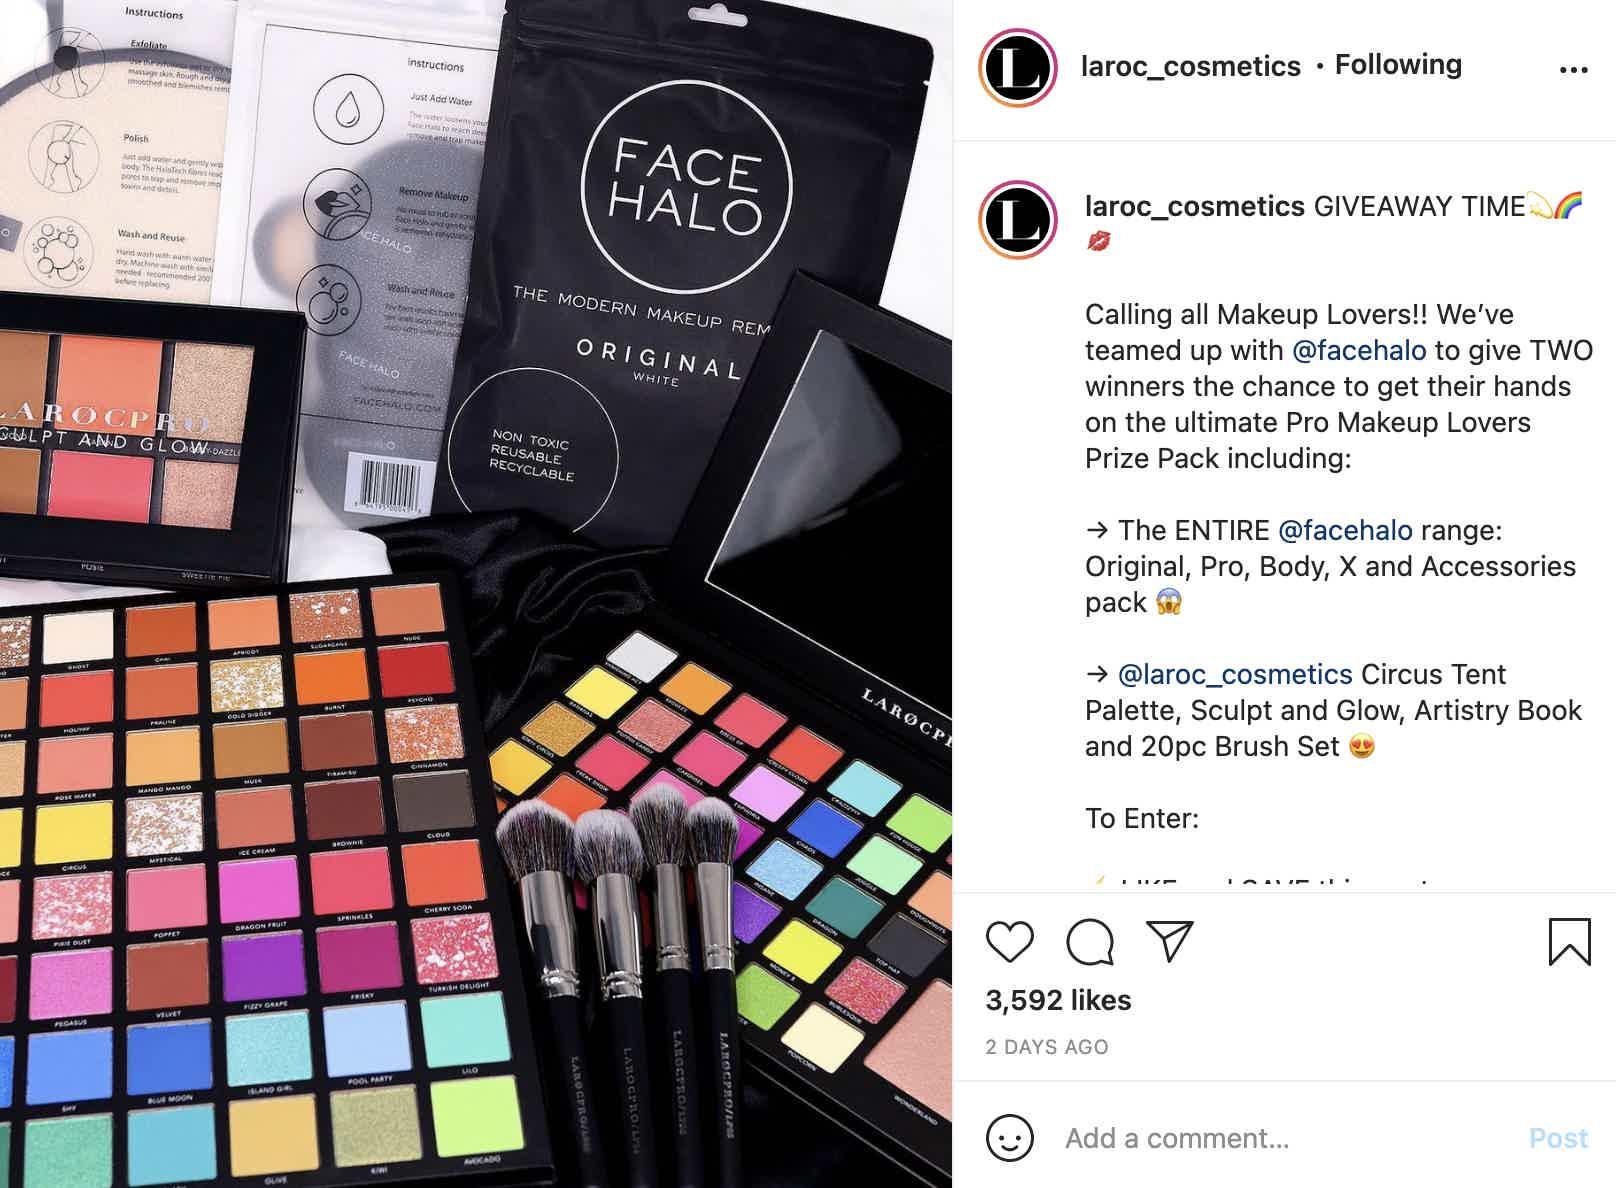 Laroc Makeup Giveaway Instagram